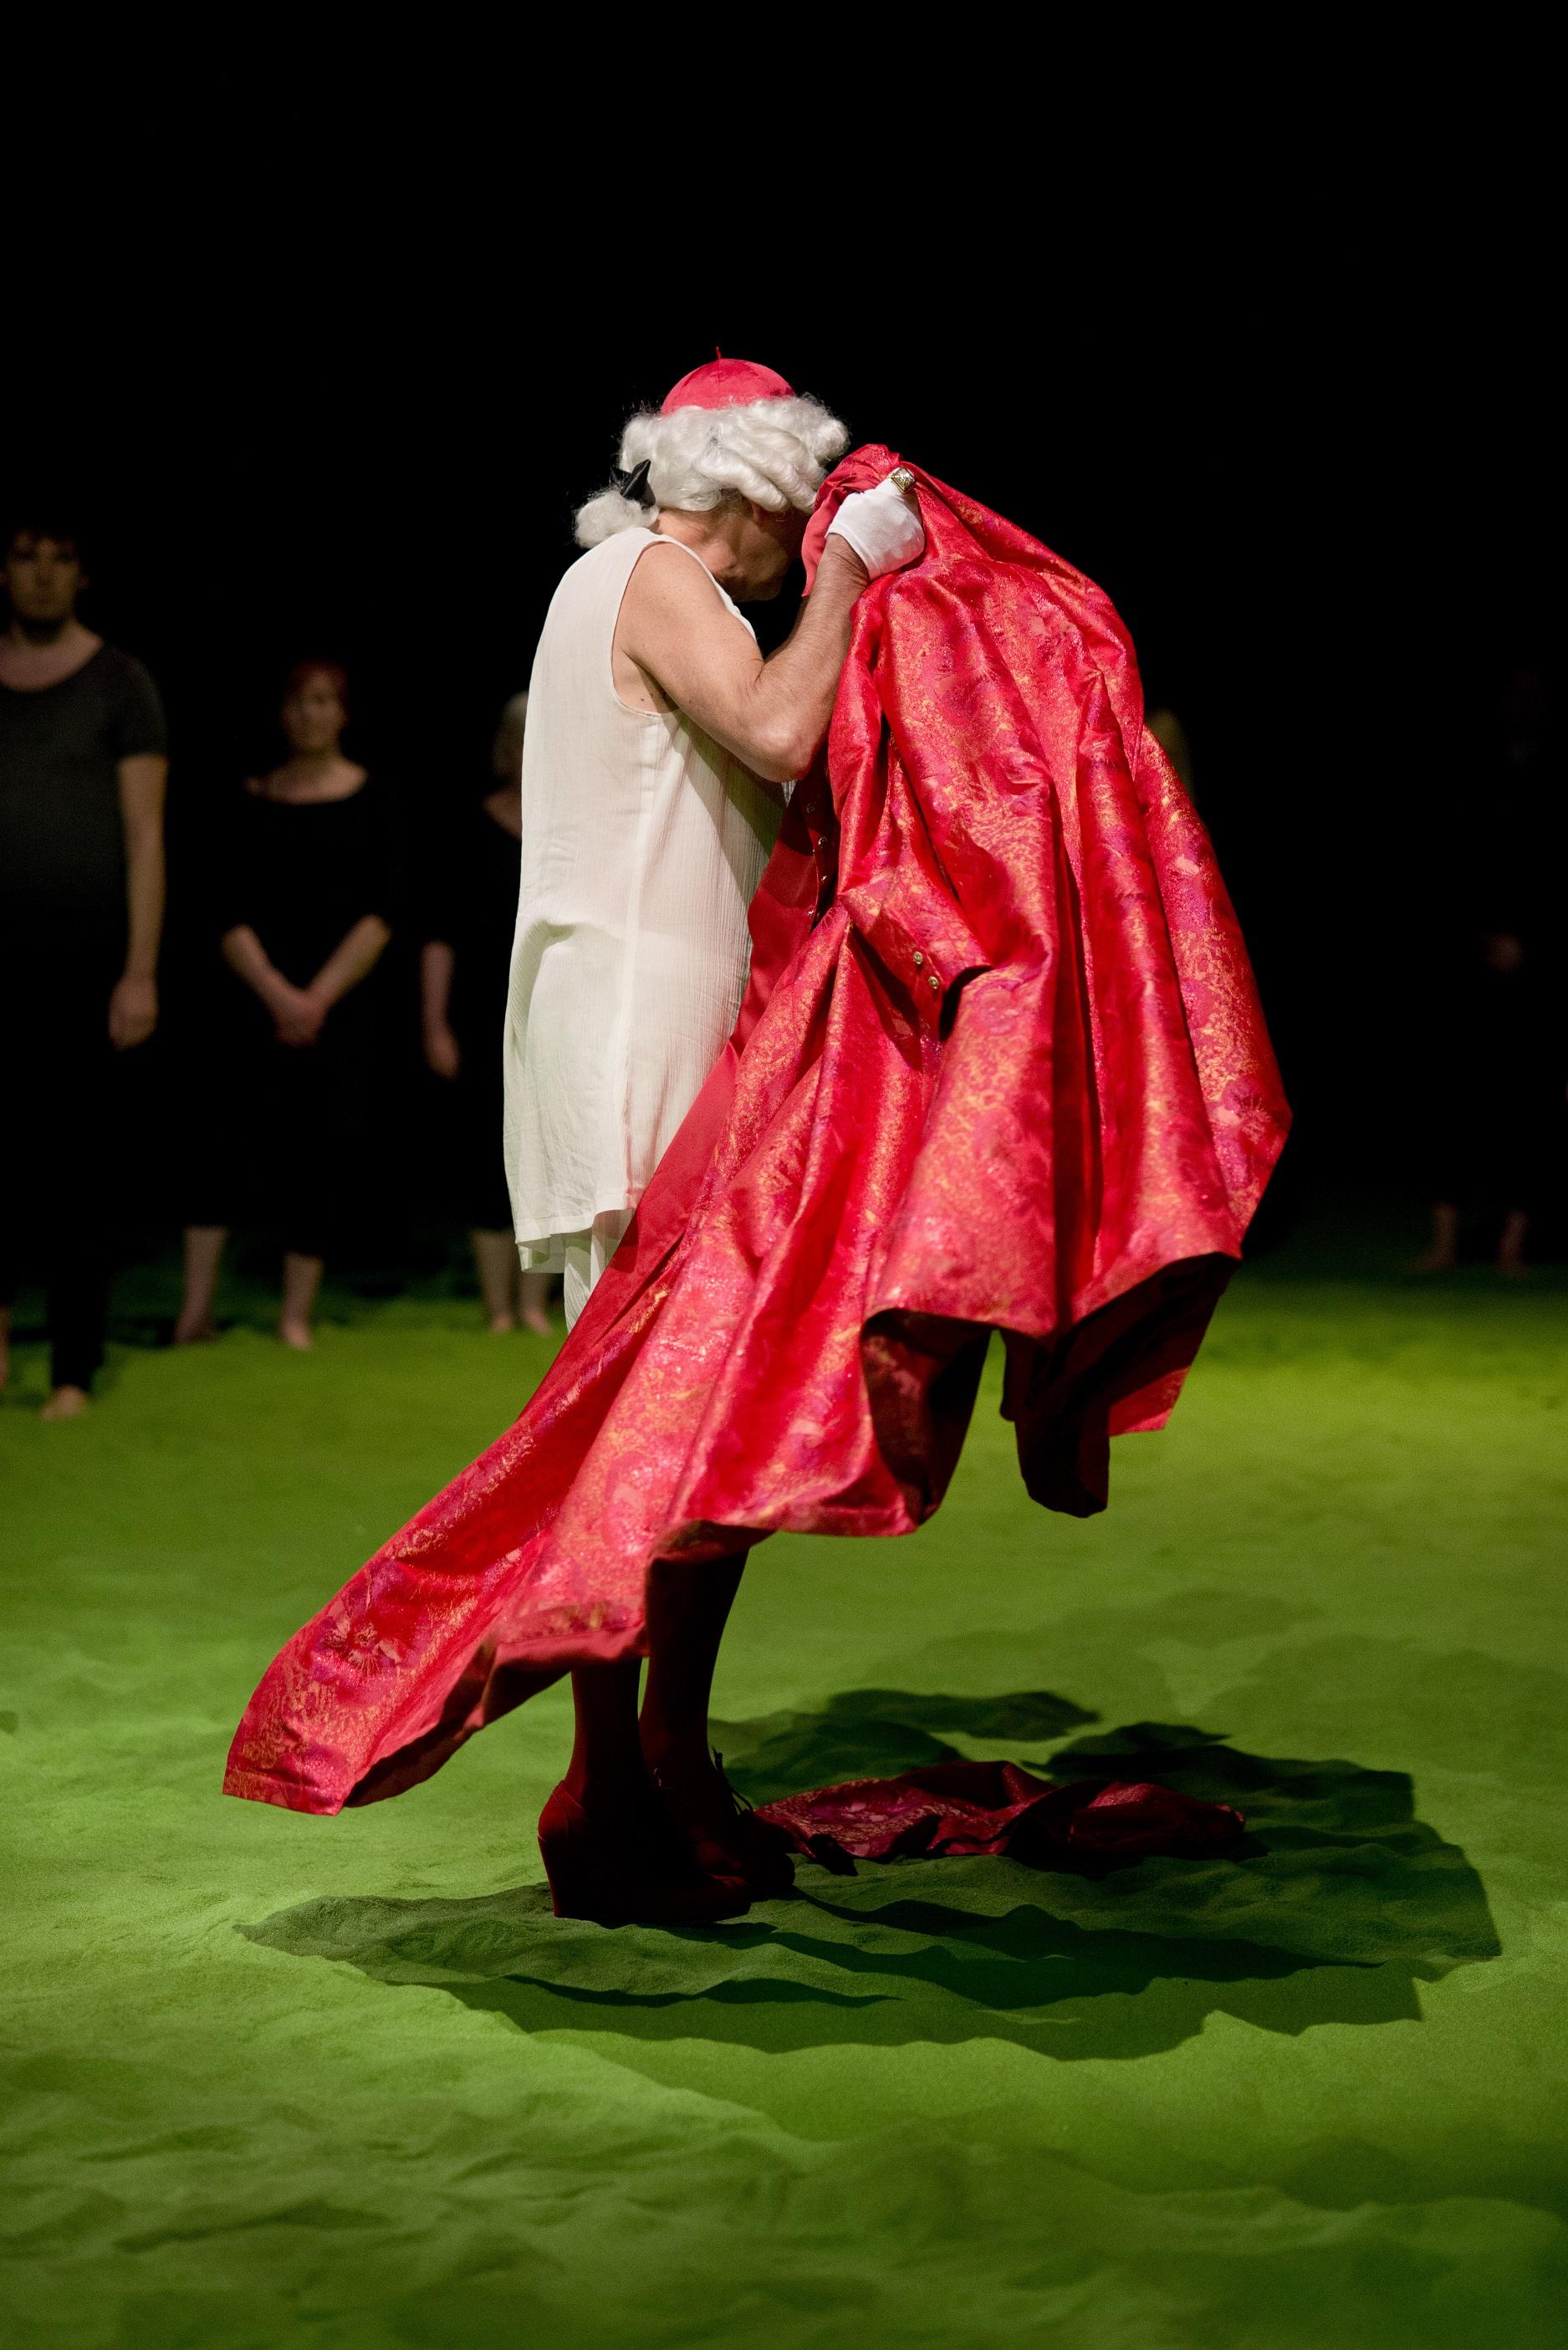 """18.05.2013 Kraków. Teatr Łaźnia Nowa. Próba generalna spektaklu """"Klub miłoścników filmu Misja"""". Fot. Bartosz Siedlik"""